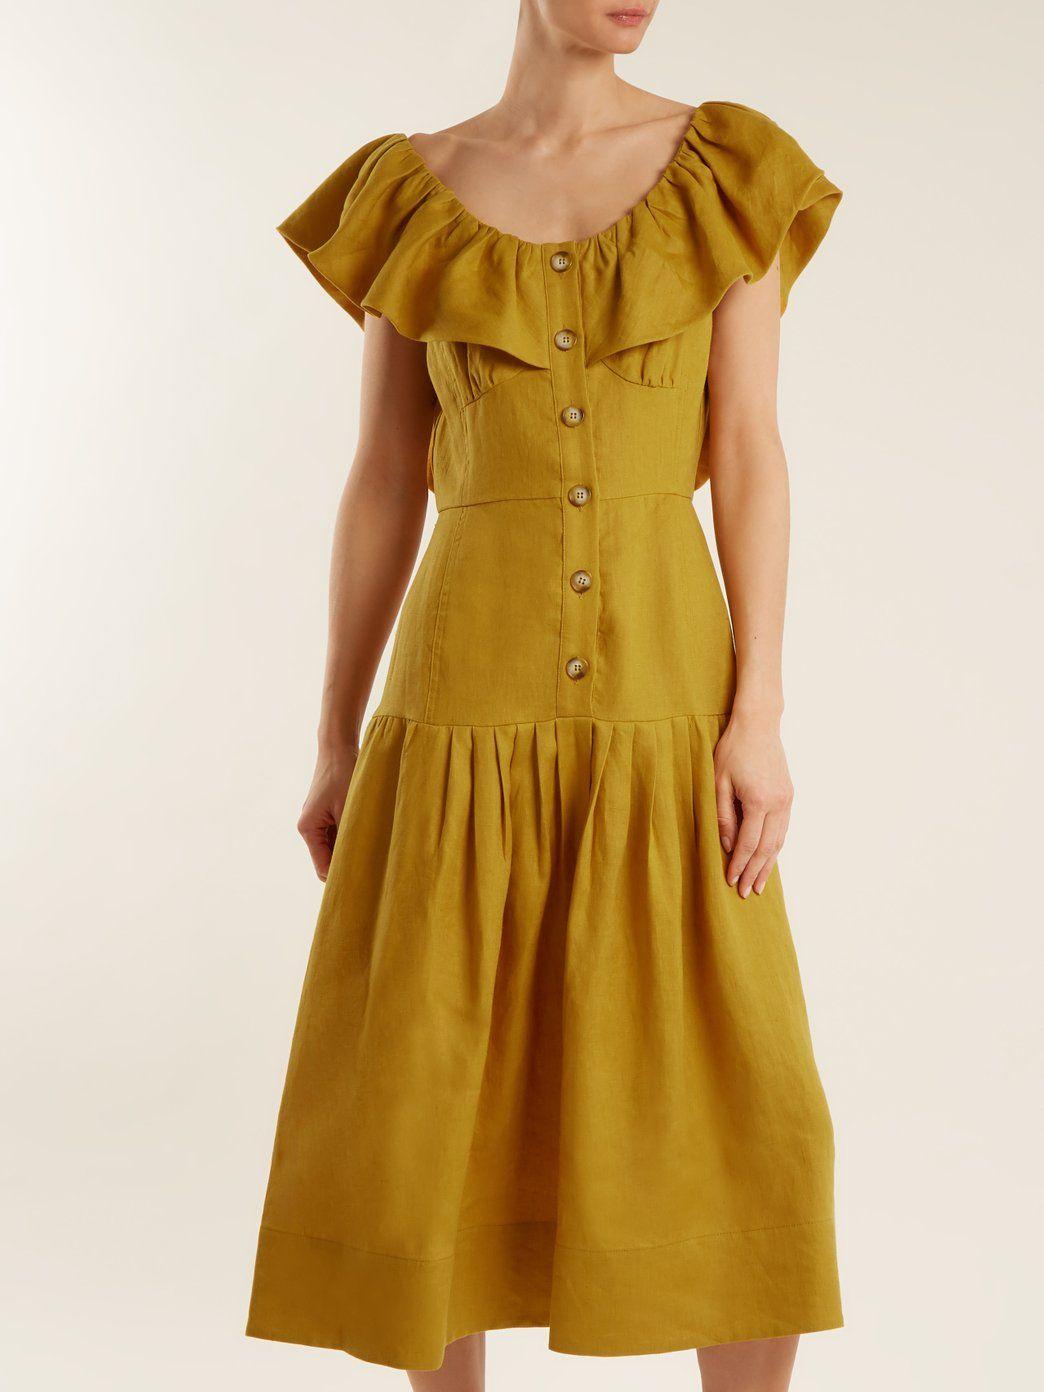 Goldie Dropped Waist Ruffled Neck Linen Dress Sea Matchesfashion Us Dropwaist Dress Ruffle Neck Dress Linen Dress